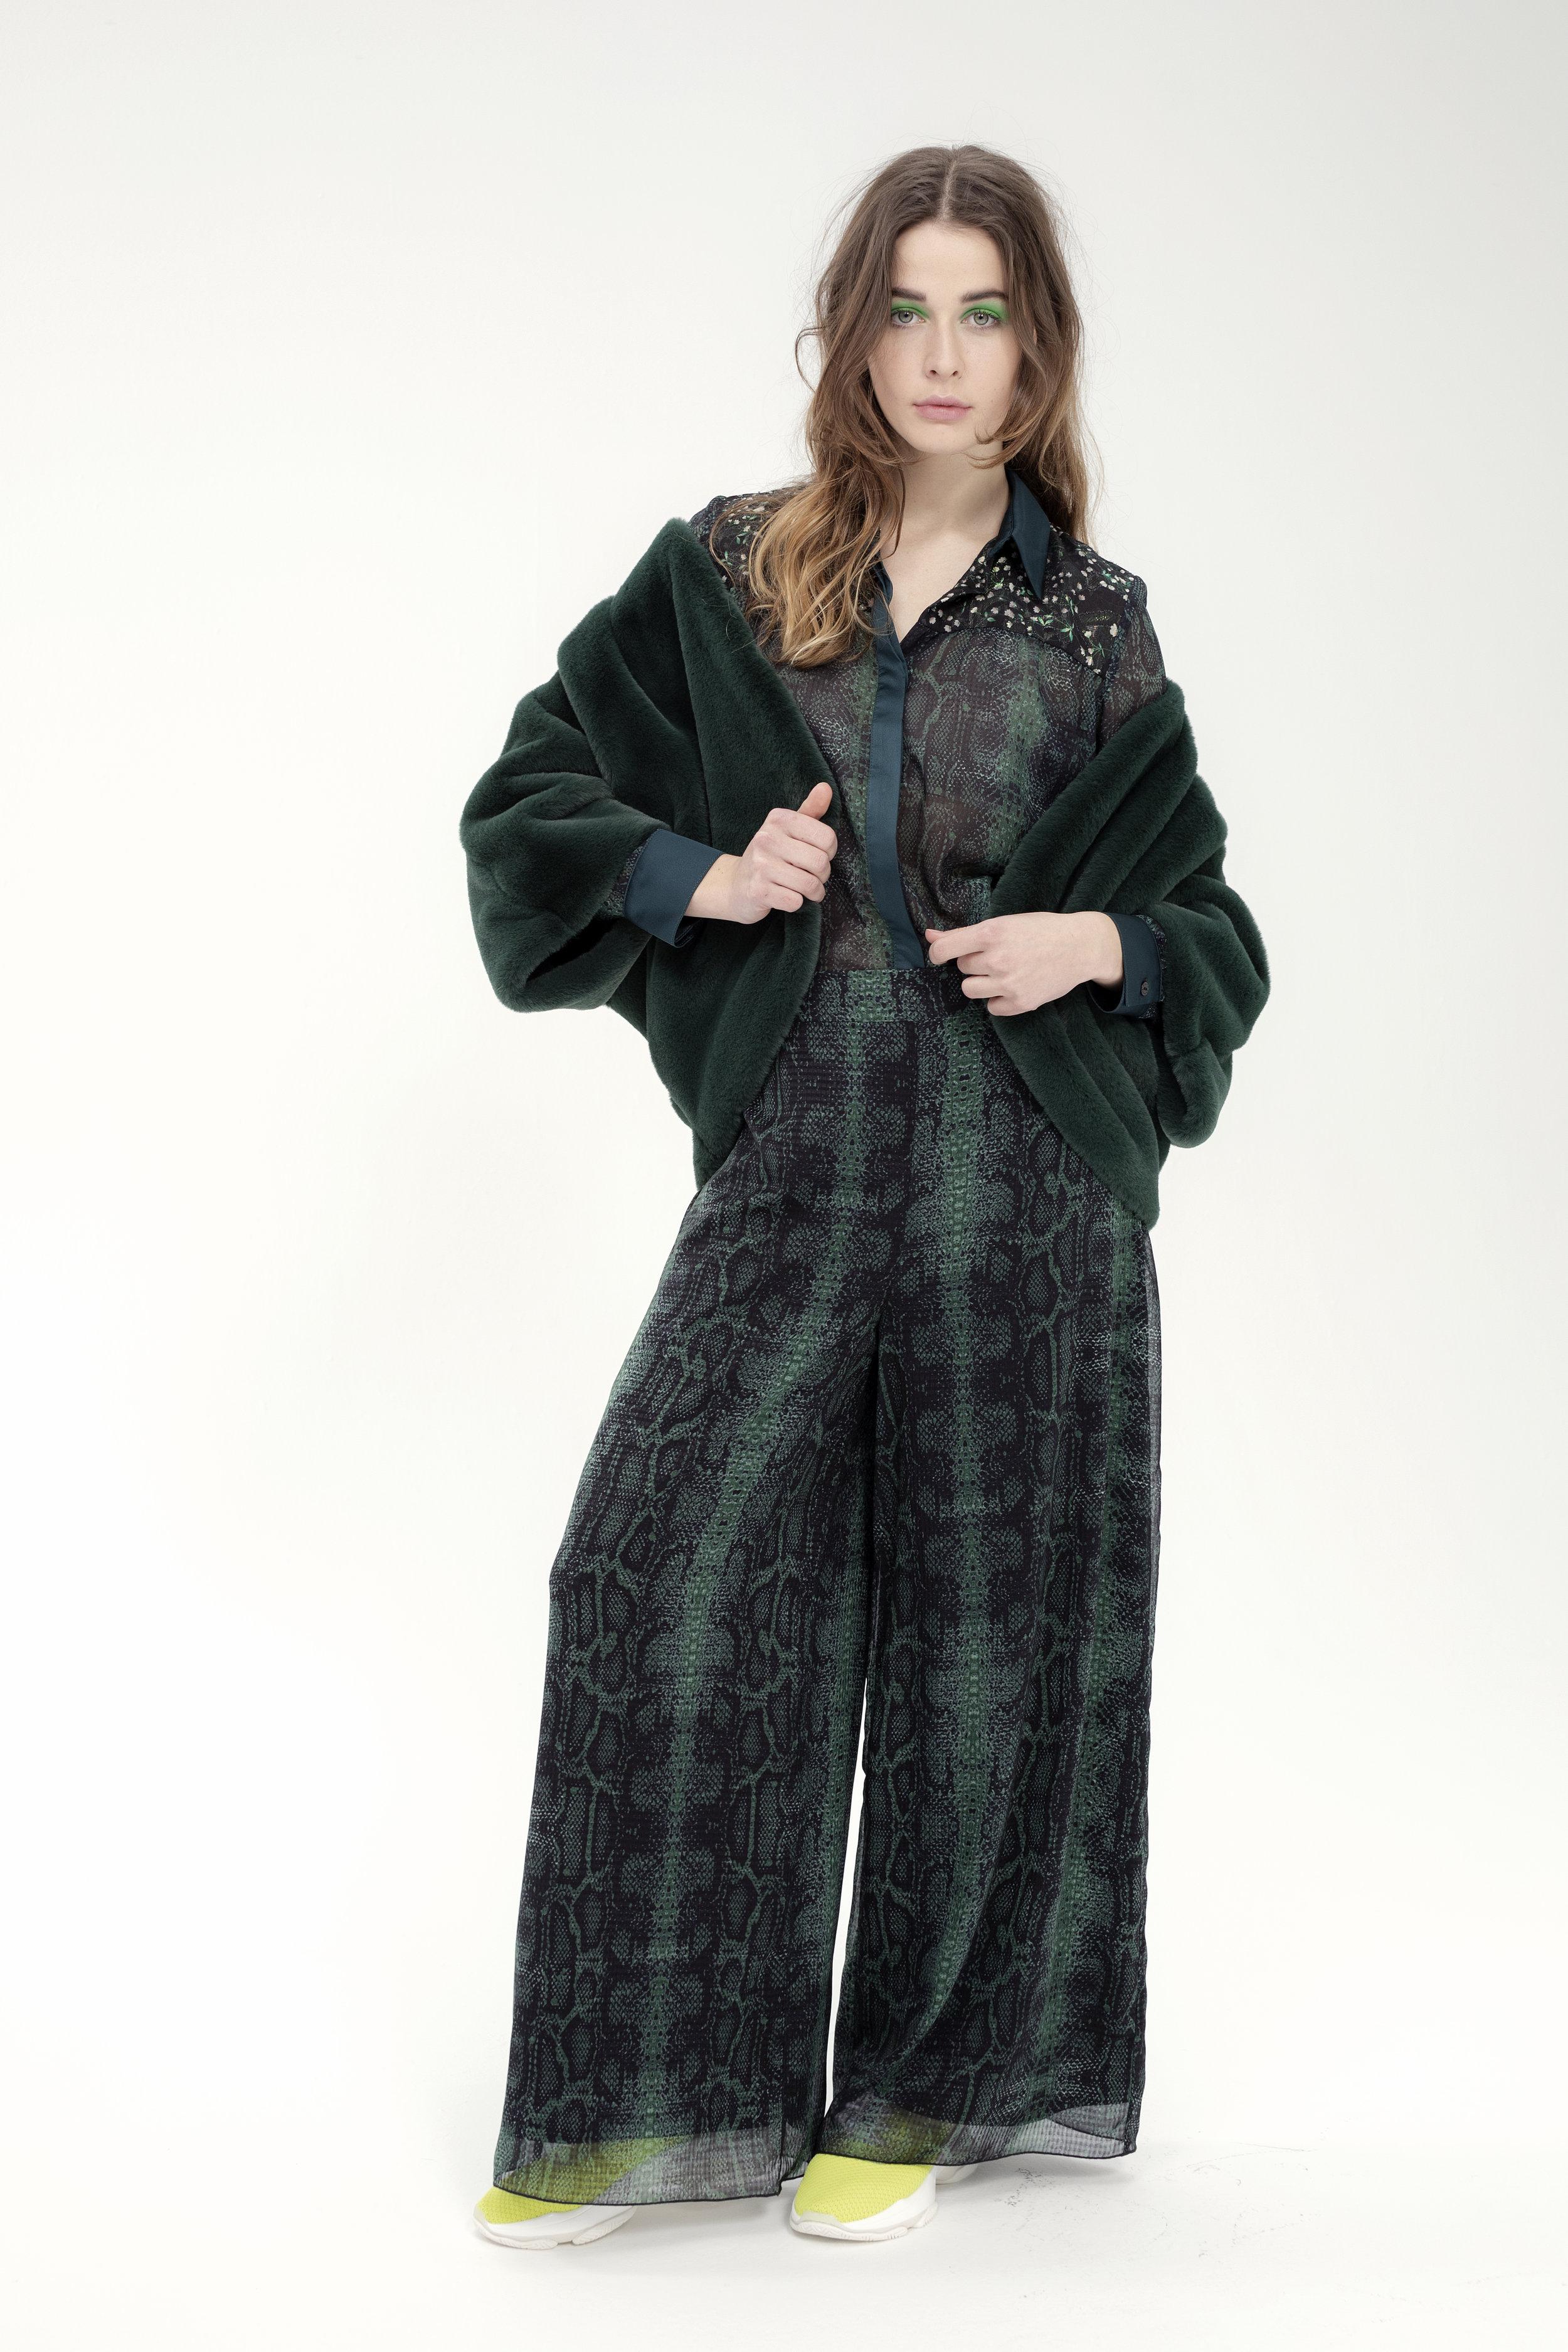 Shirt BREUGEL - serp | Jacket SWEET - soft | Trouser NOUGATINE - serp